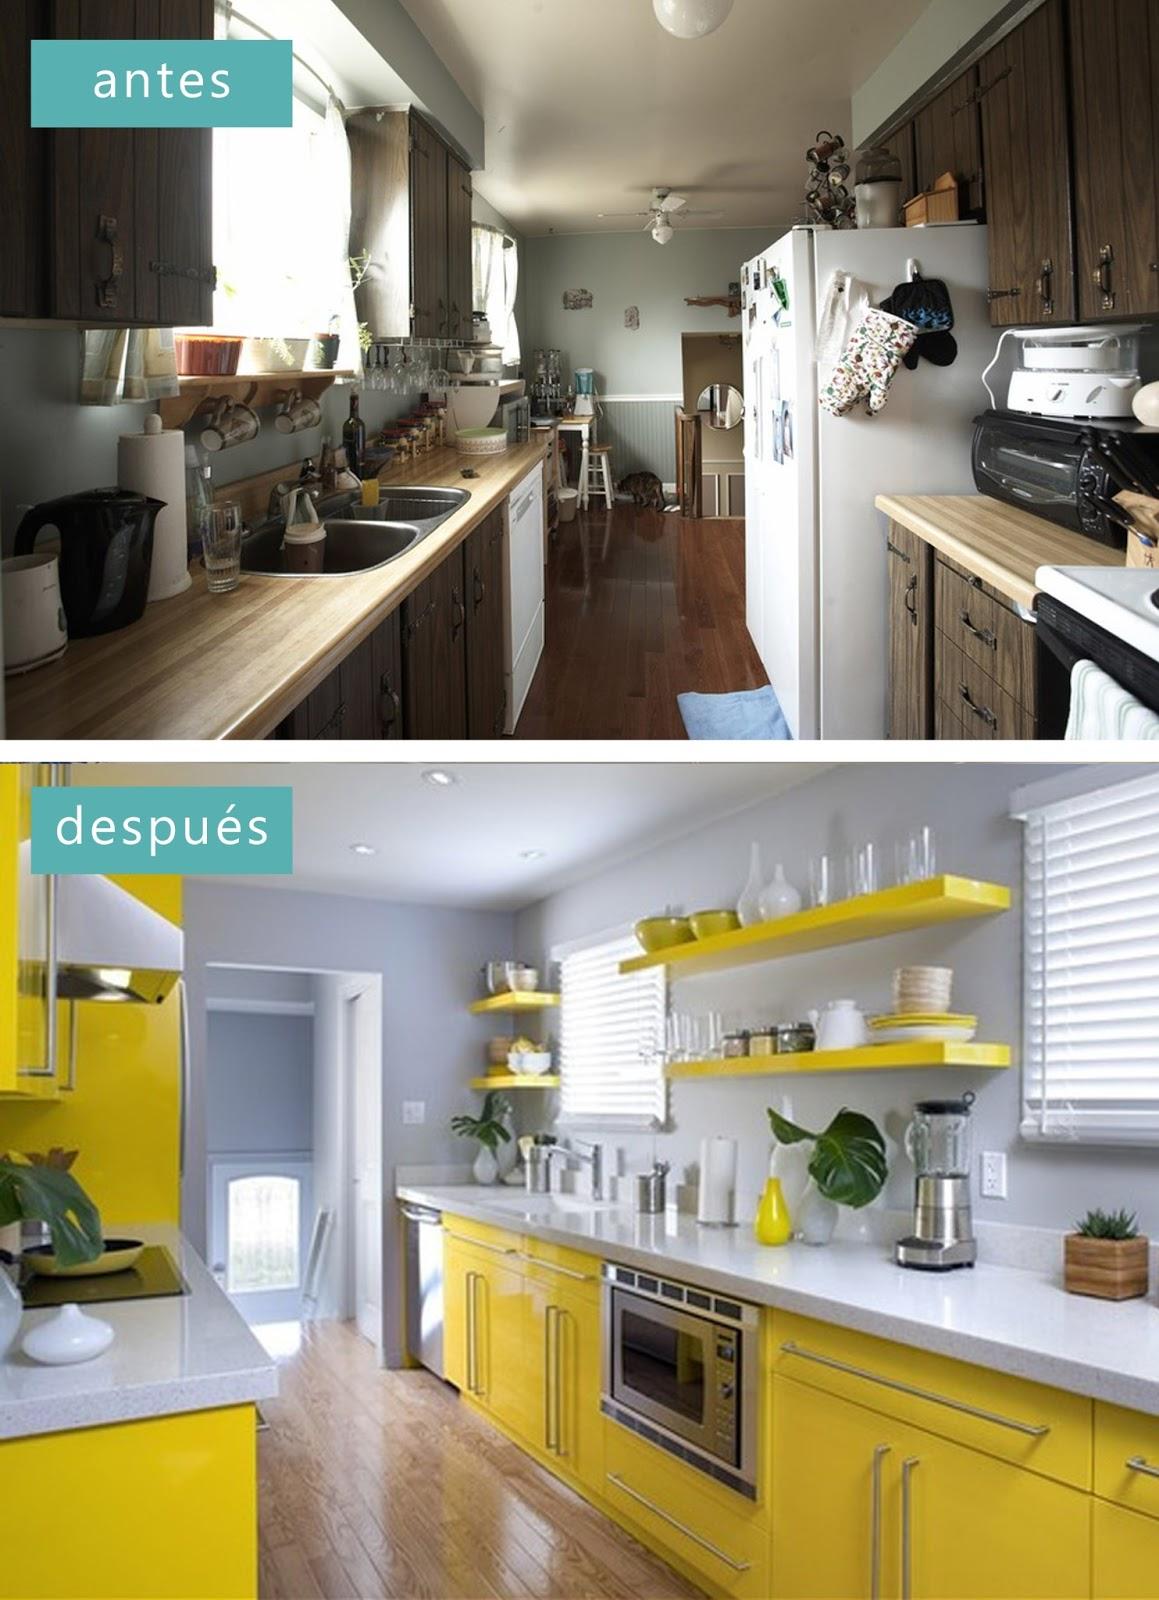 Los antes y despues molan mucho decorar tu casa es - Decoracion de casas antes y despues ...